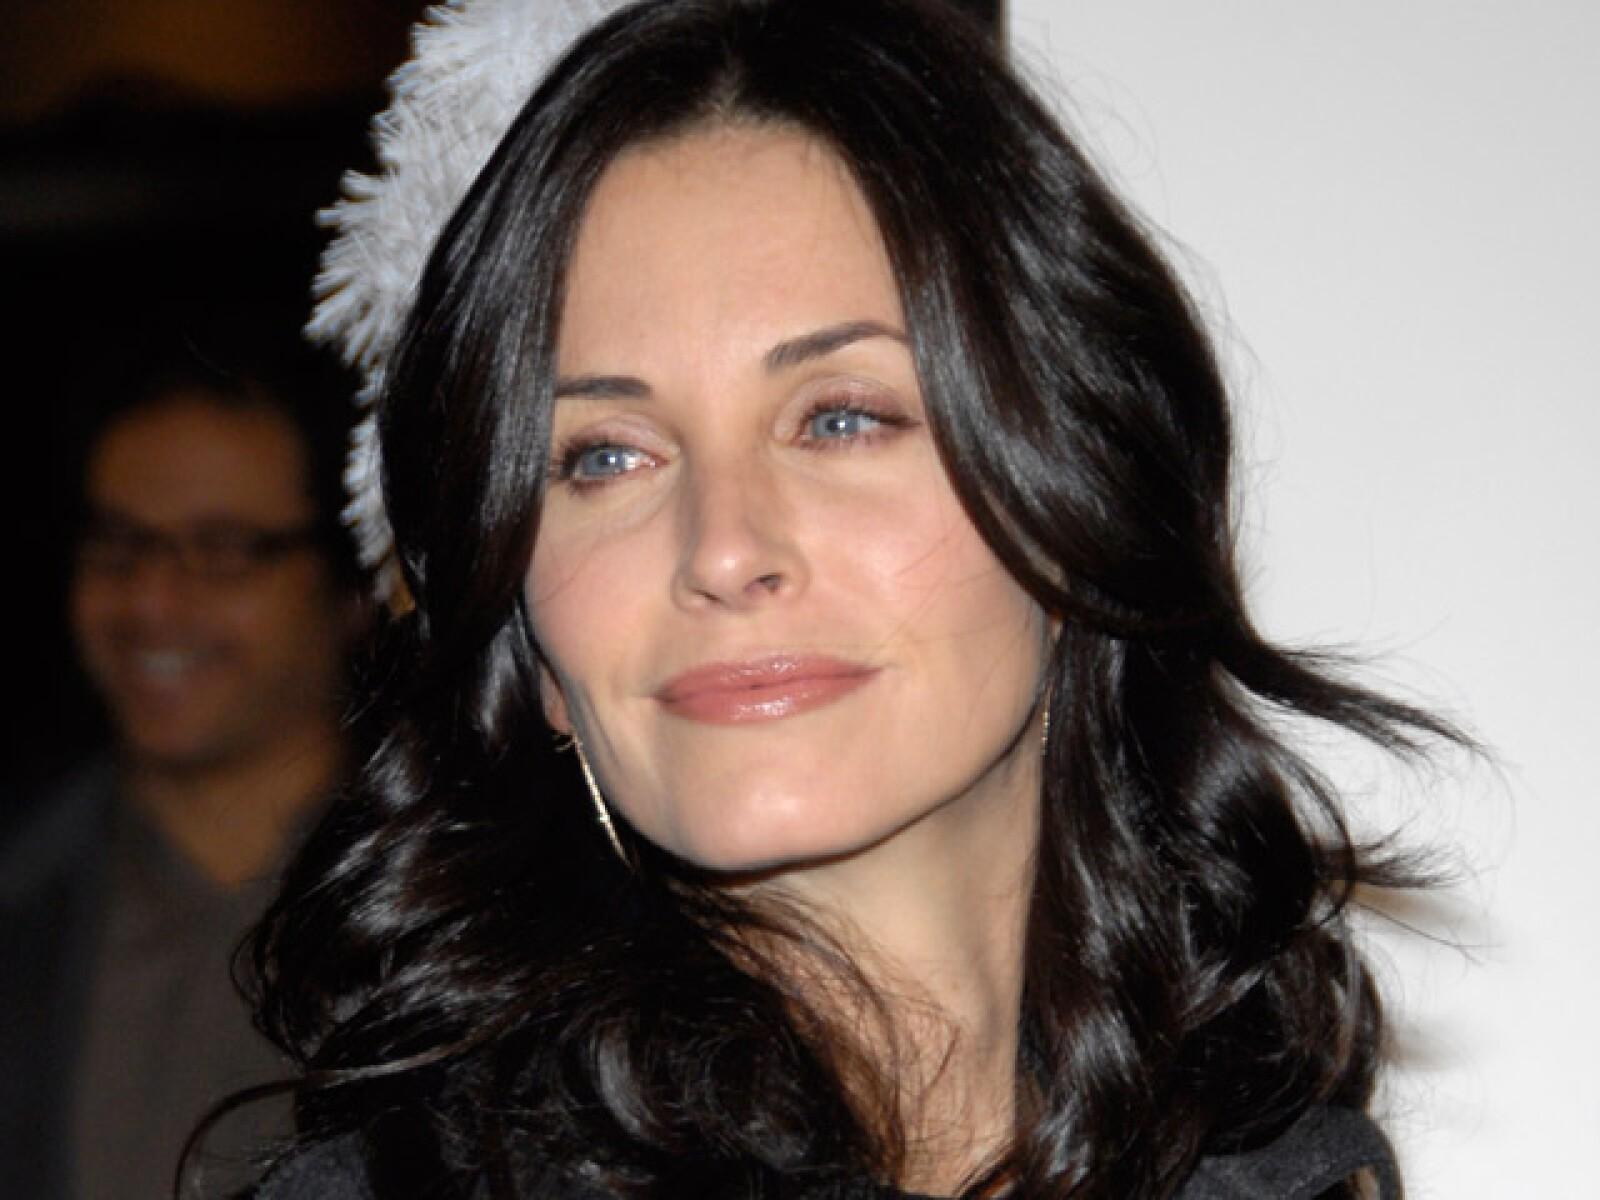 La actriz de `Friends´ Courtney Cox, estudió Diseño de Interiores y Arquitectura en el Colegio para mujeres Mount Vernon.